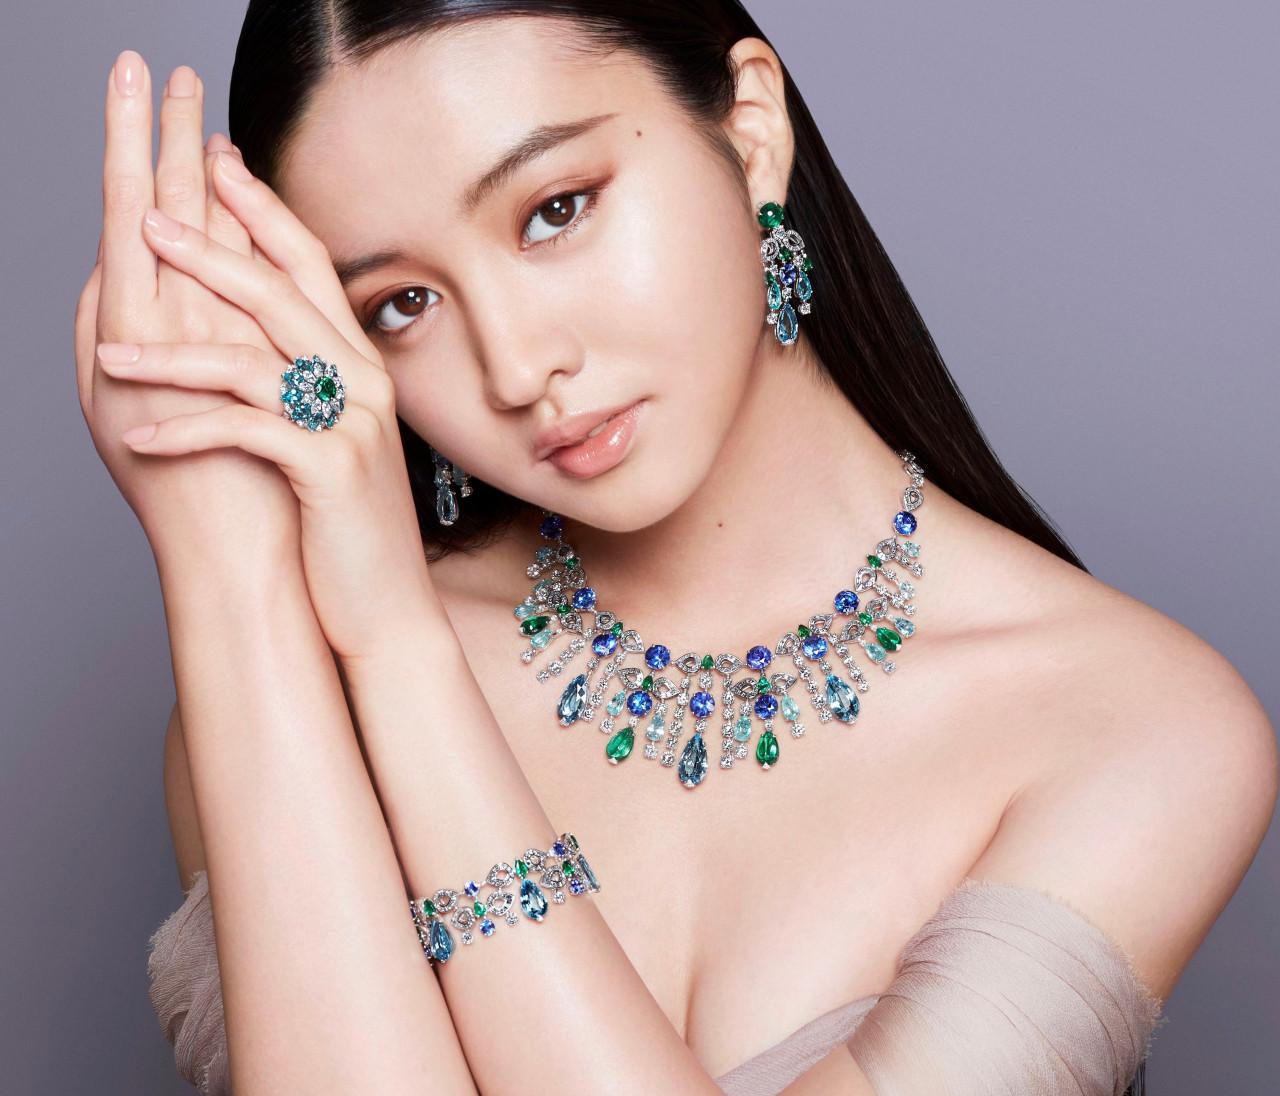 【Kōki,さん×「ブルガリ」のハイジュエリー】イットモデルとジェムストーンの圧倒的な美しさを堪能!